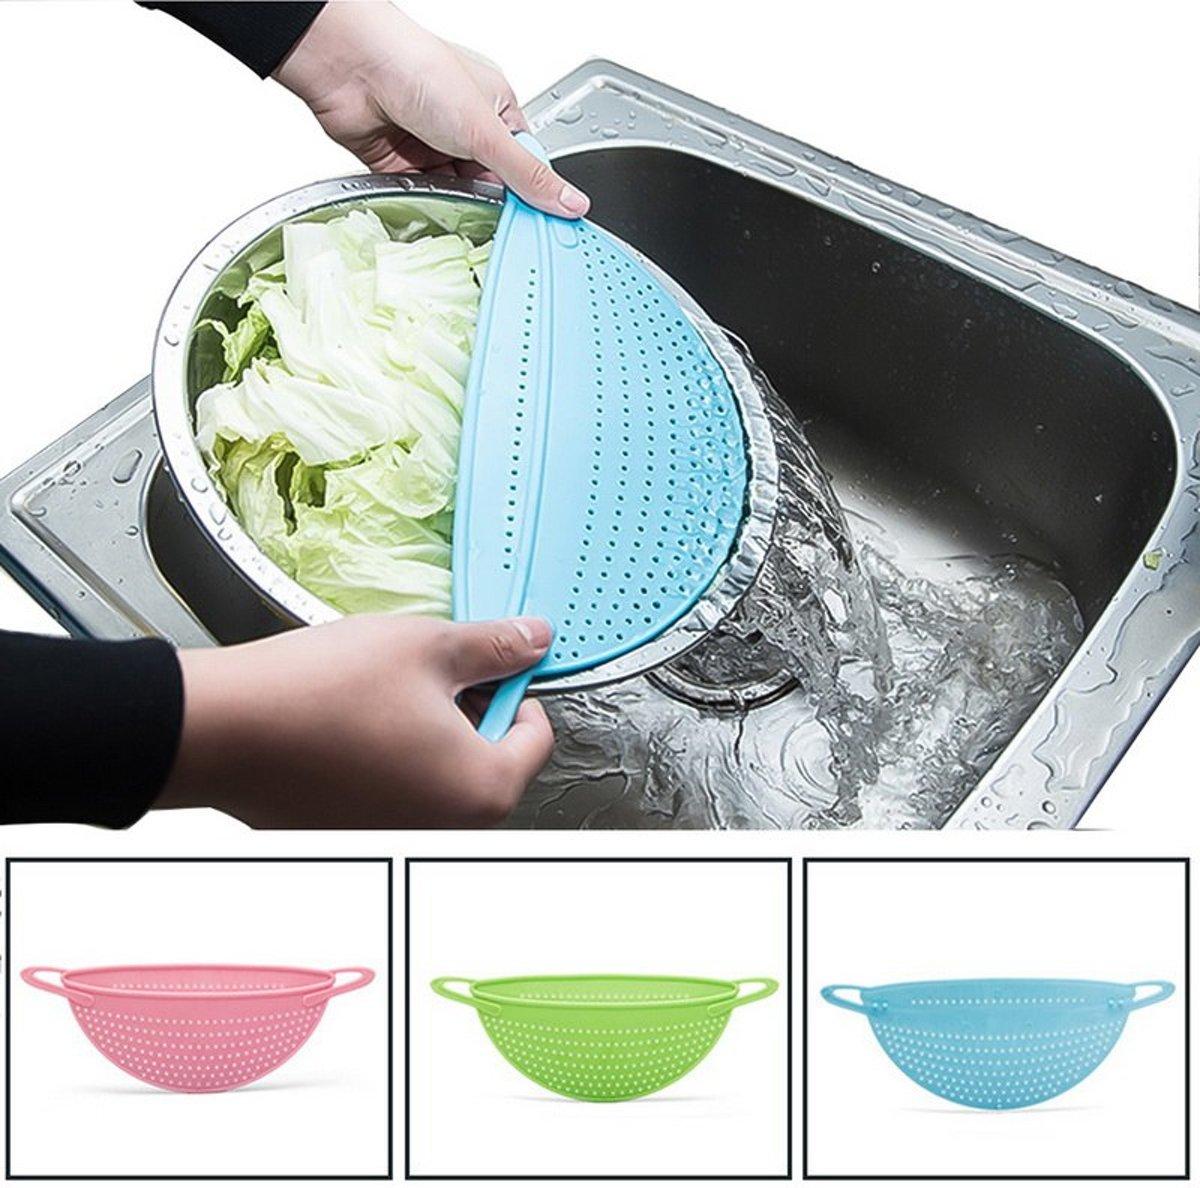 Afgiet deksel | afgietdeksel pan | afgiethulp | Keuken zeef | pannen zeef | Blauw kopen